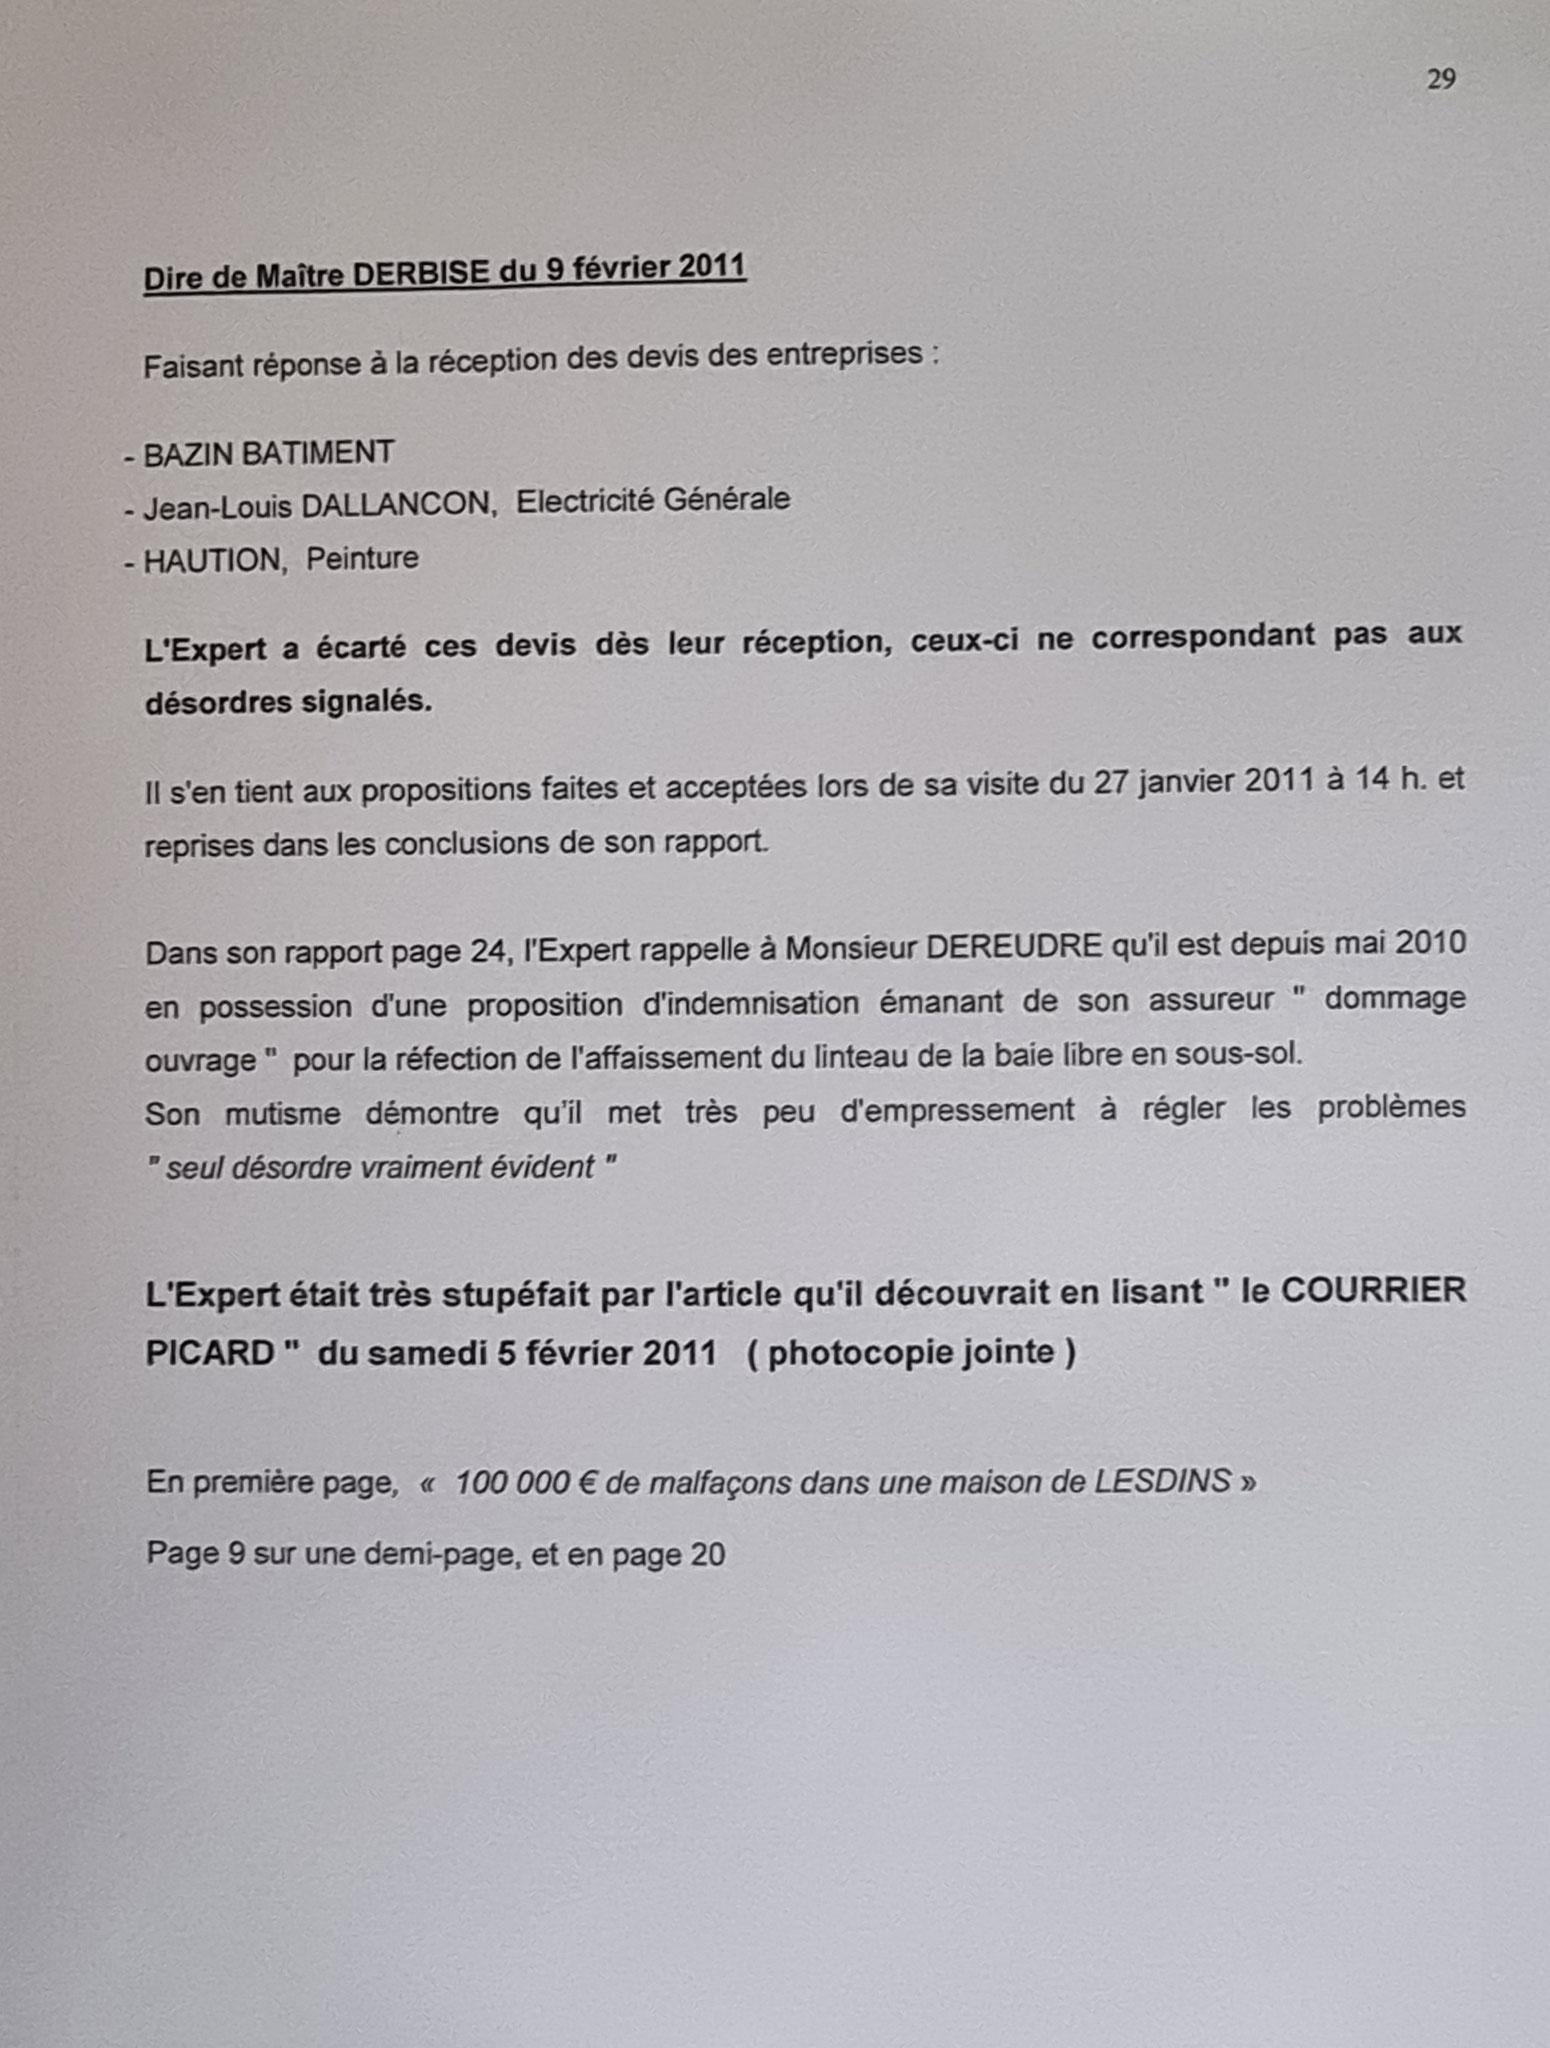 Rapport définitif de Février 2011 de Monsieur Bernard MARRON Expert Judiciaire www.stopcorruptionstop.fr www.jenesuispasunchien.fr www.jesuisvictime.fr www.jesuispatrick.fr